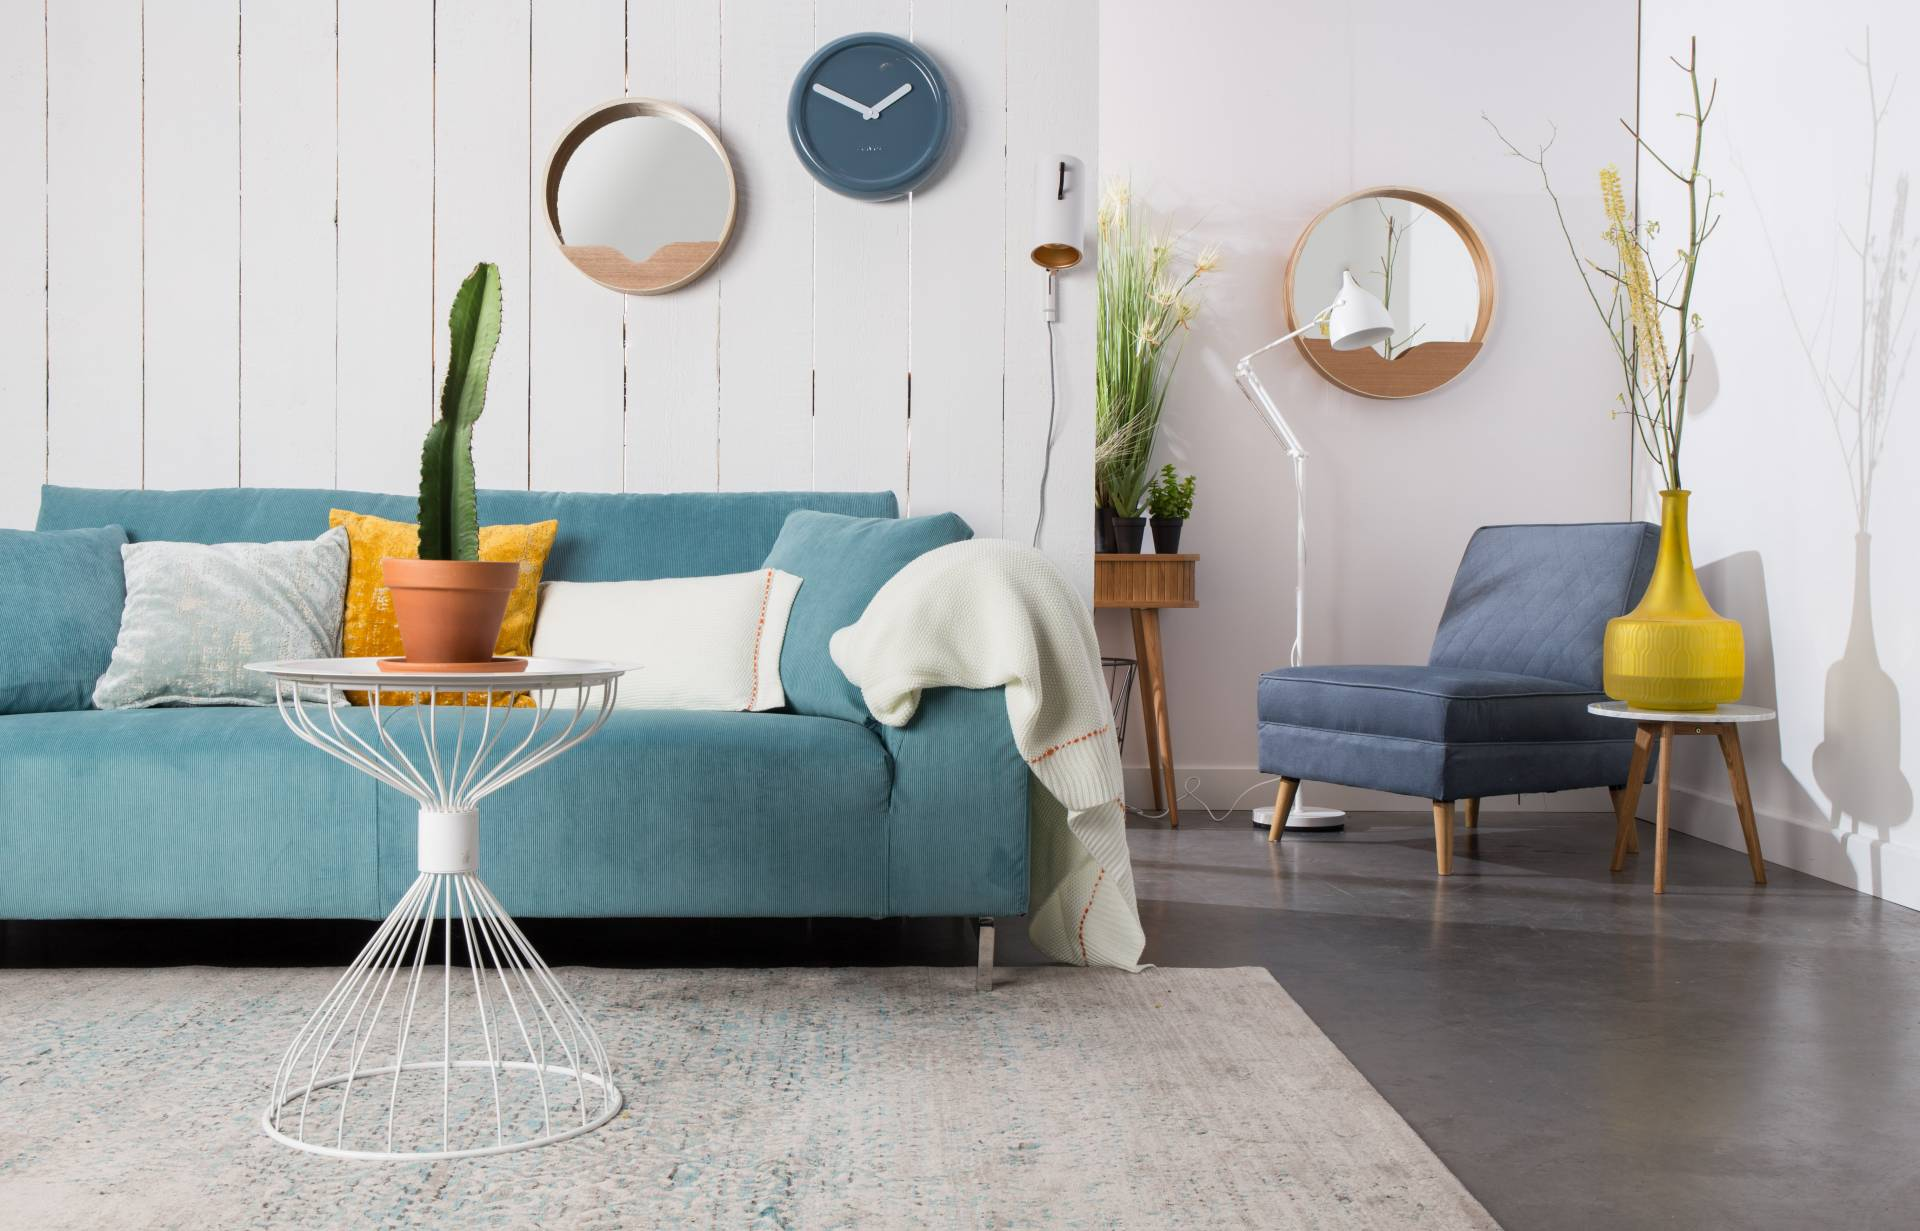 5 x Inspiratietips: nieuwe look aan je woonkamer geven - Teddlicious